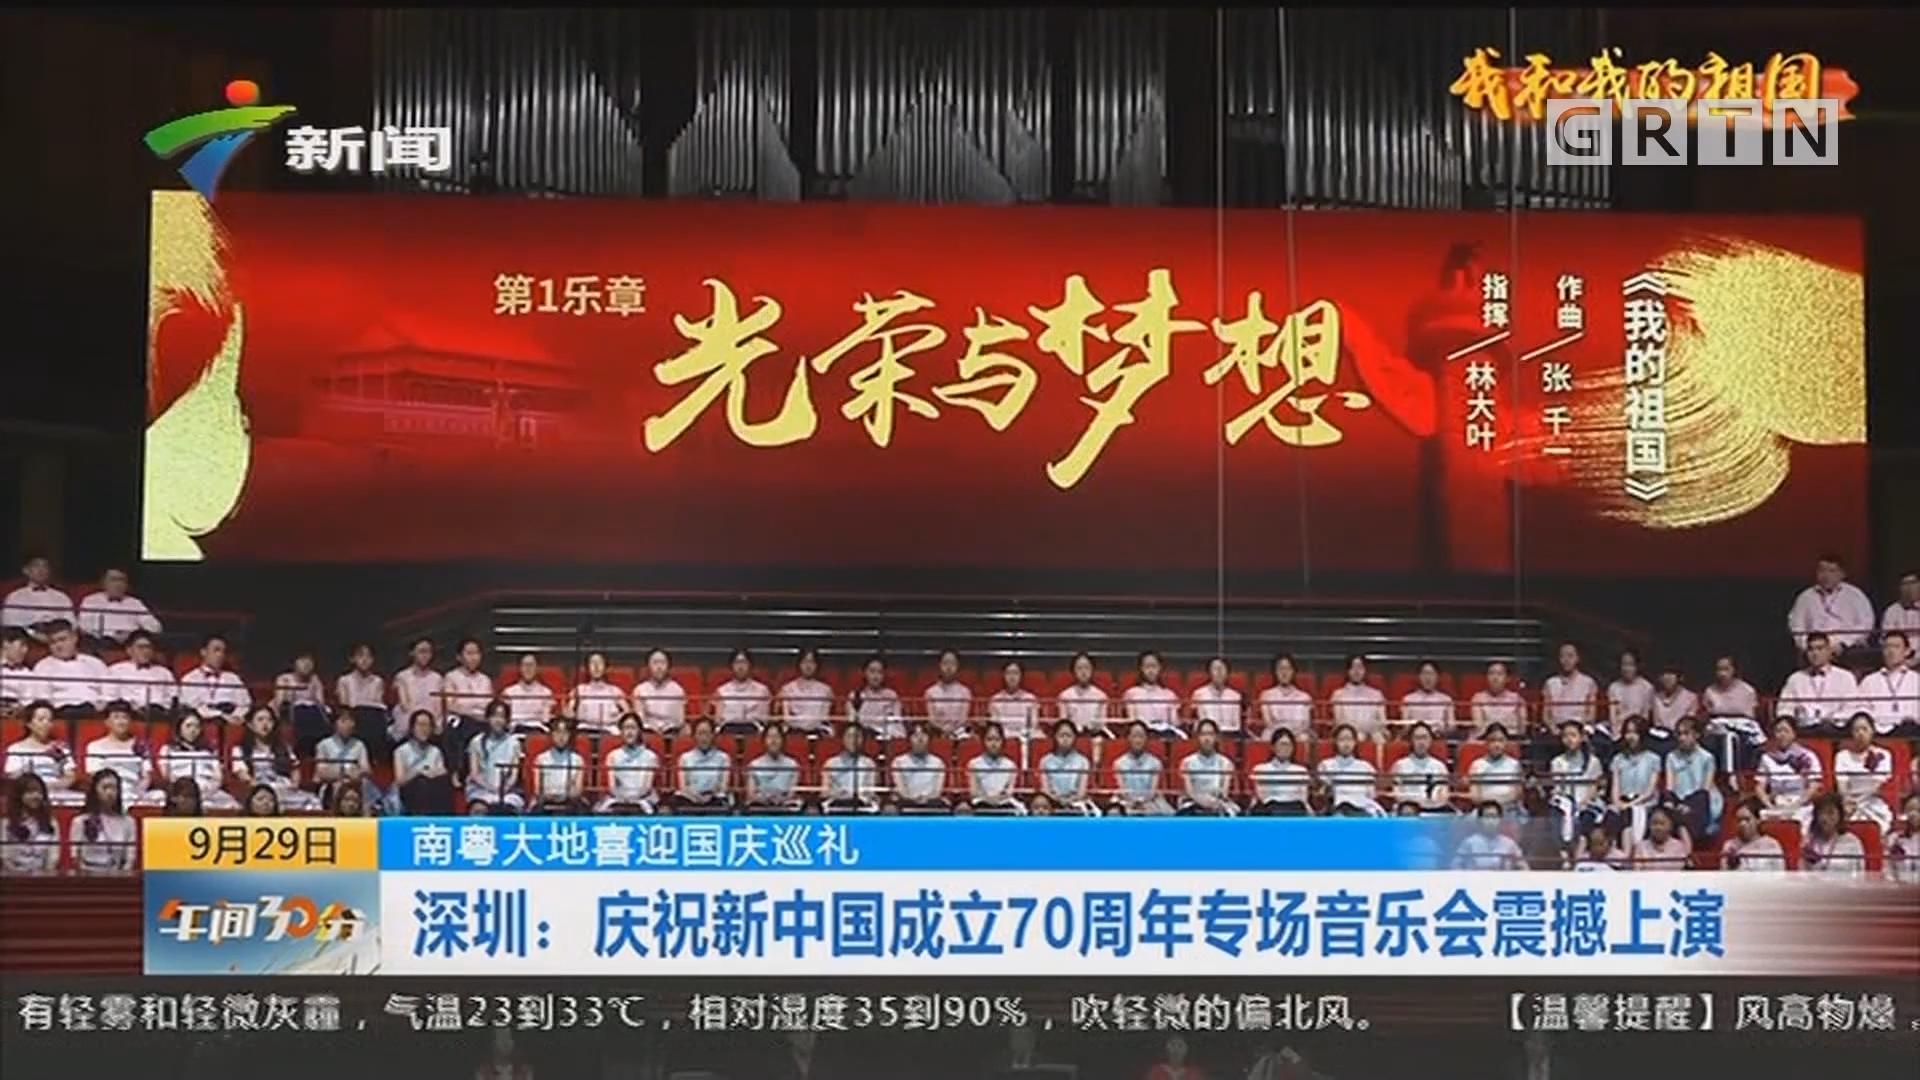 南粤大地喜迎国庆巡礼 深圳:庆祝新中国成立70周年专场音乐会震撼上演